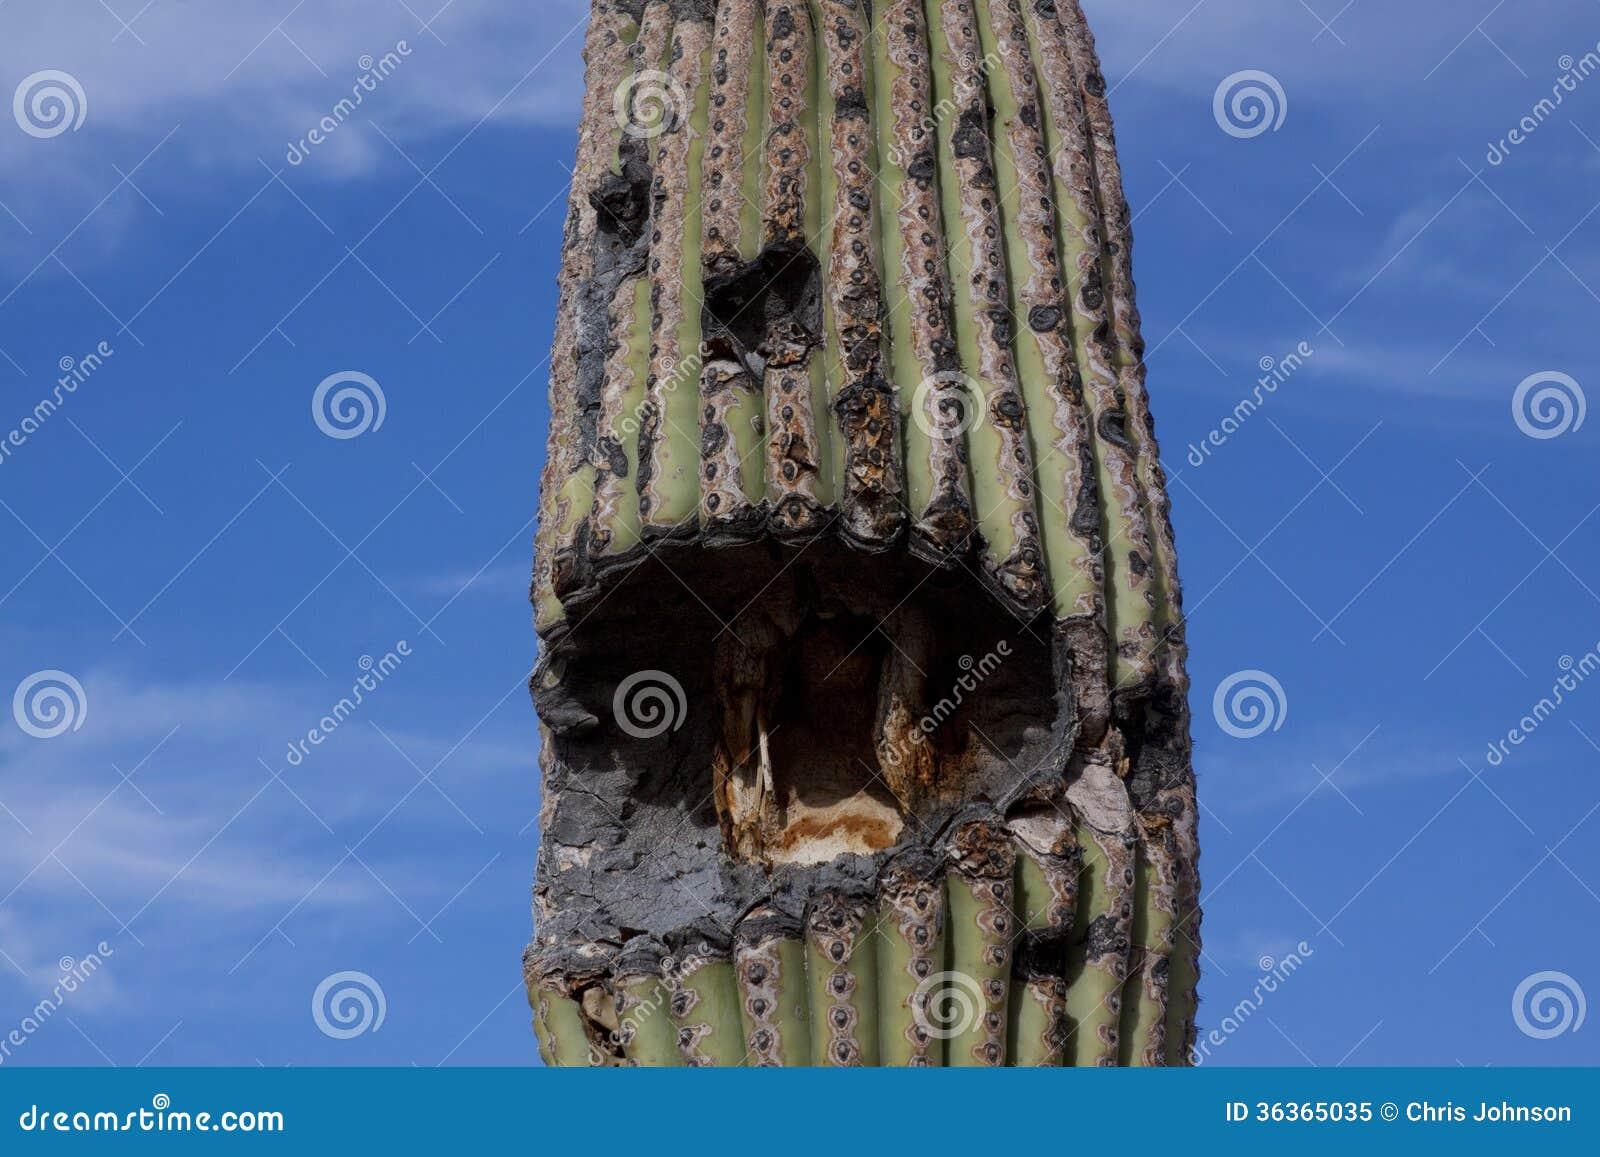 romantic places cactus clouds - photo #18